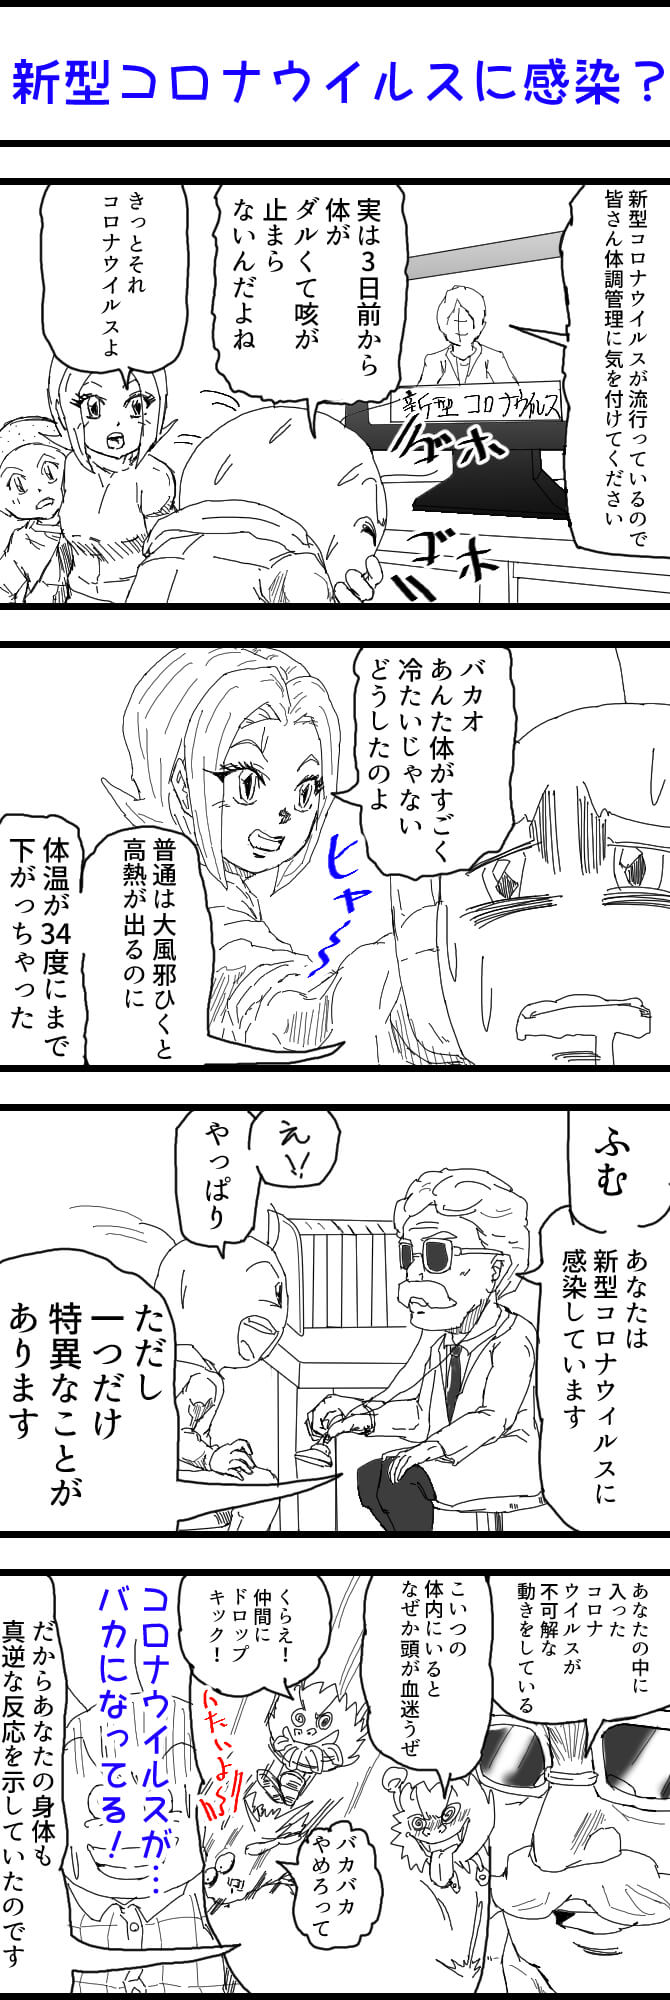 4コマ漫画,インフルエンザ